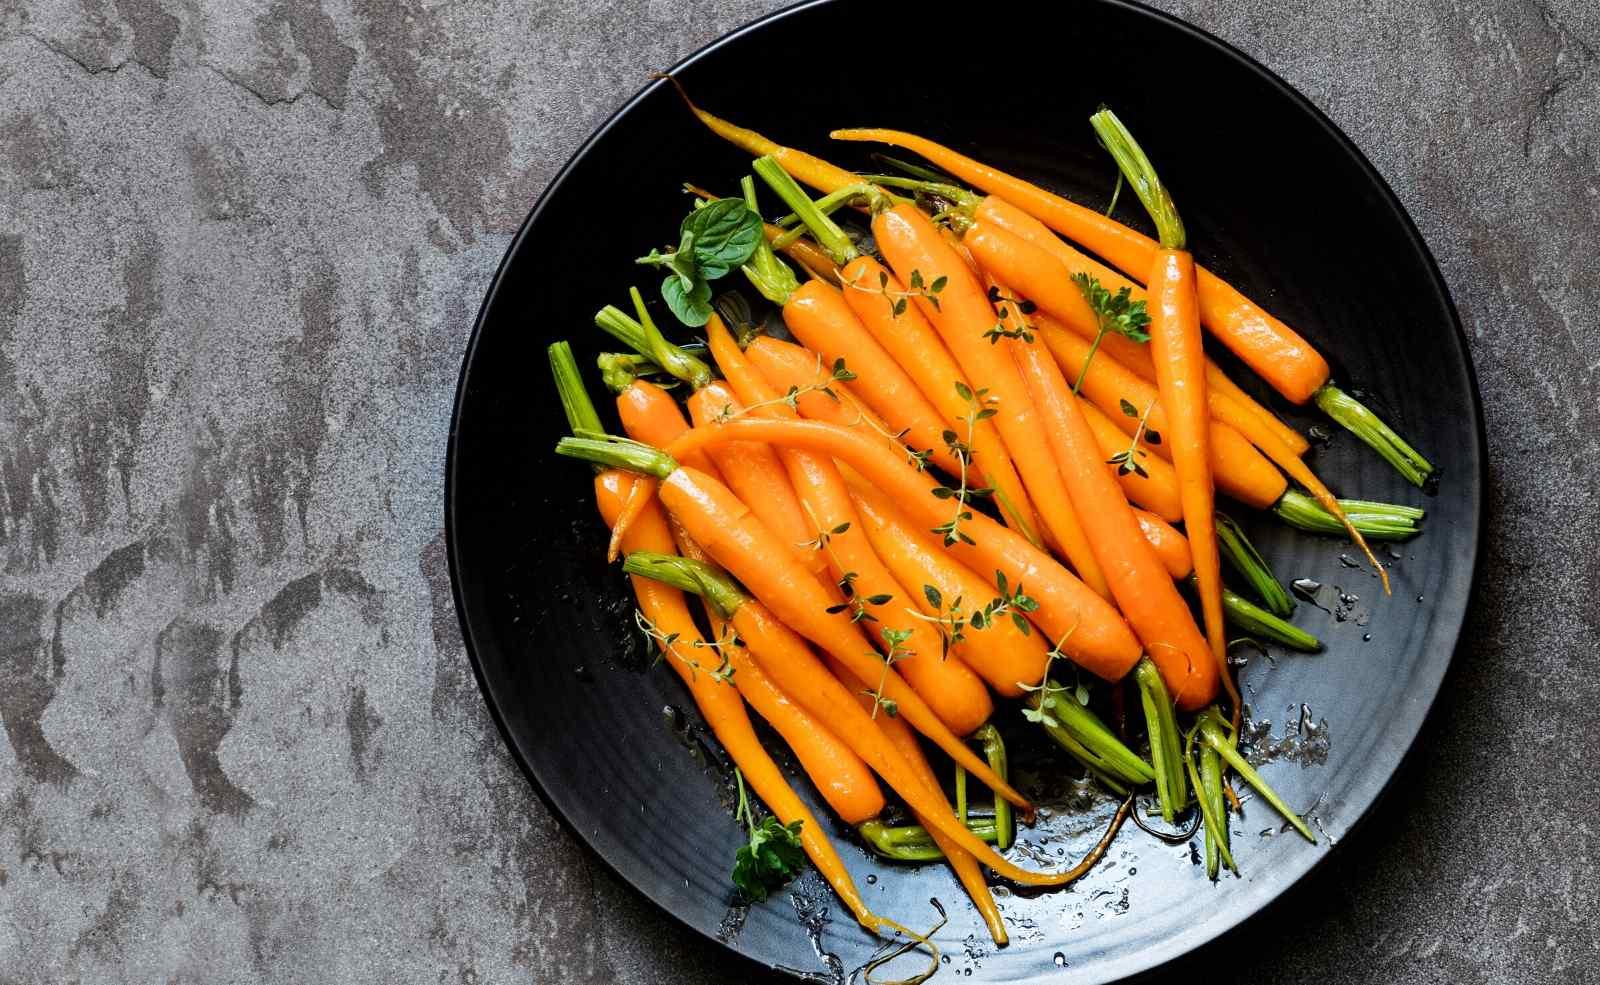 Karotten richtig kochen, dämpfen, Beilage, Karottengemüse, Zubereitung, Rezept, Tipps